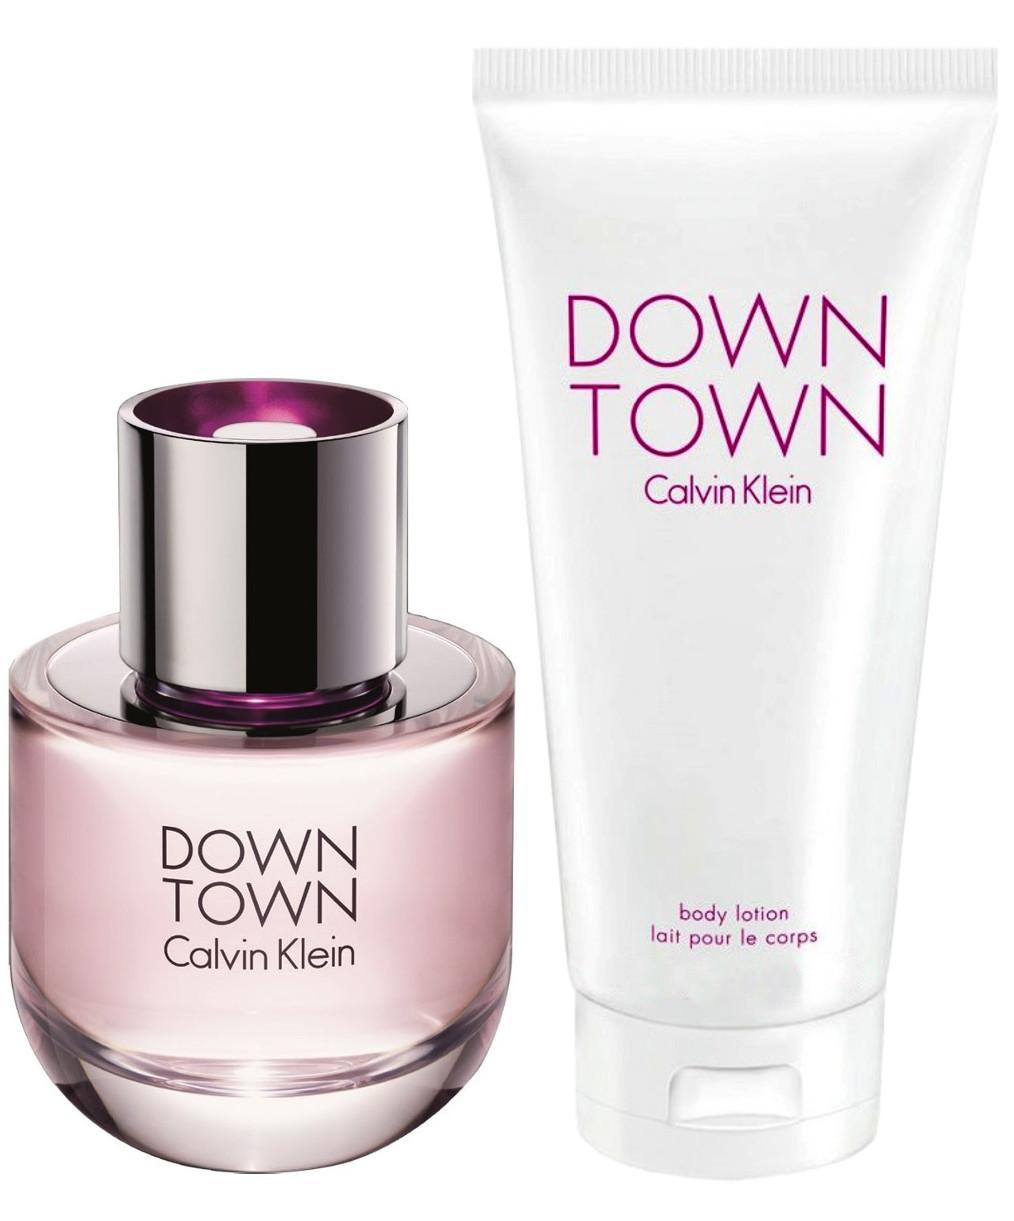 Zestaw prezentowy dla kobiet Calvin Klein Downtown woda perfumowana 90ml + balsam do ciała 200ml